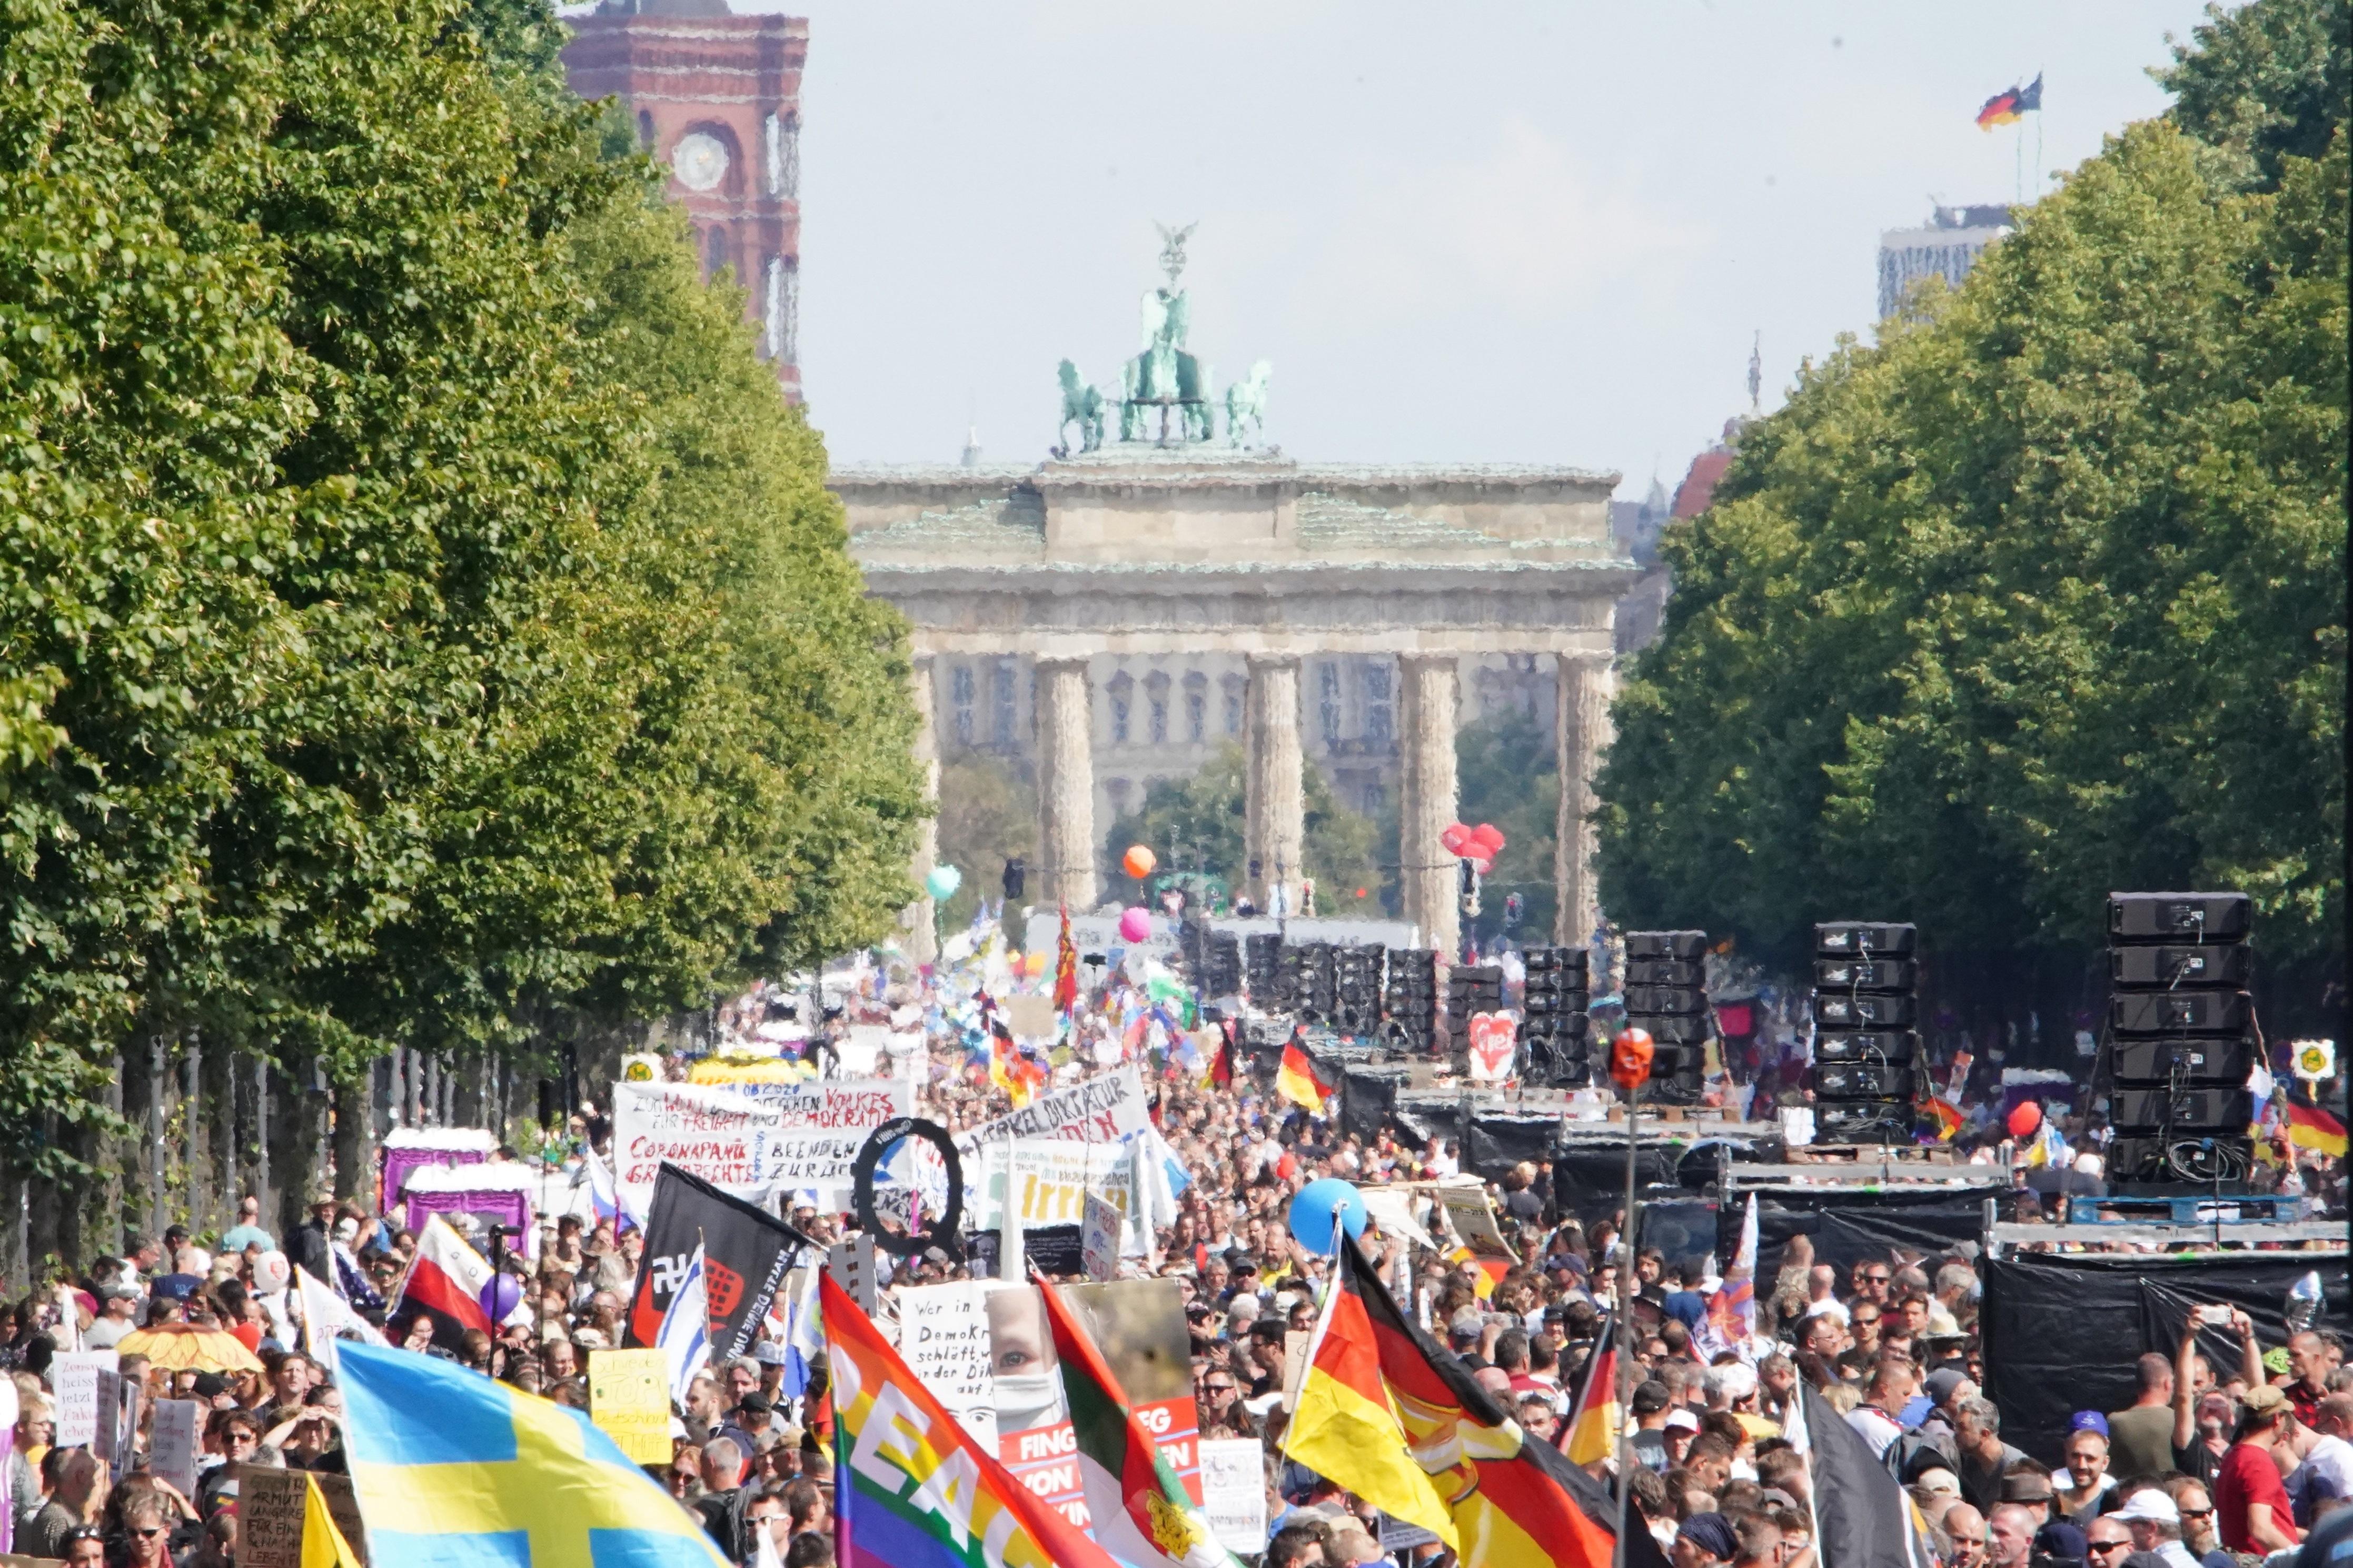 Alemania, uno de los países con más casos, tuvo una marcha anticuarentena este sábado.